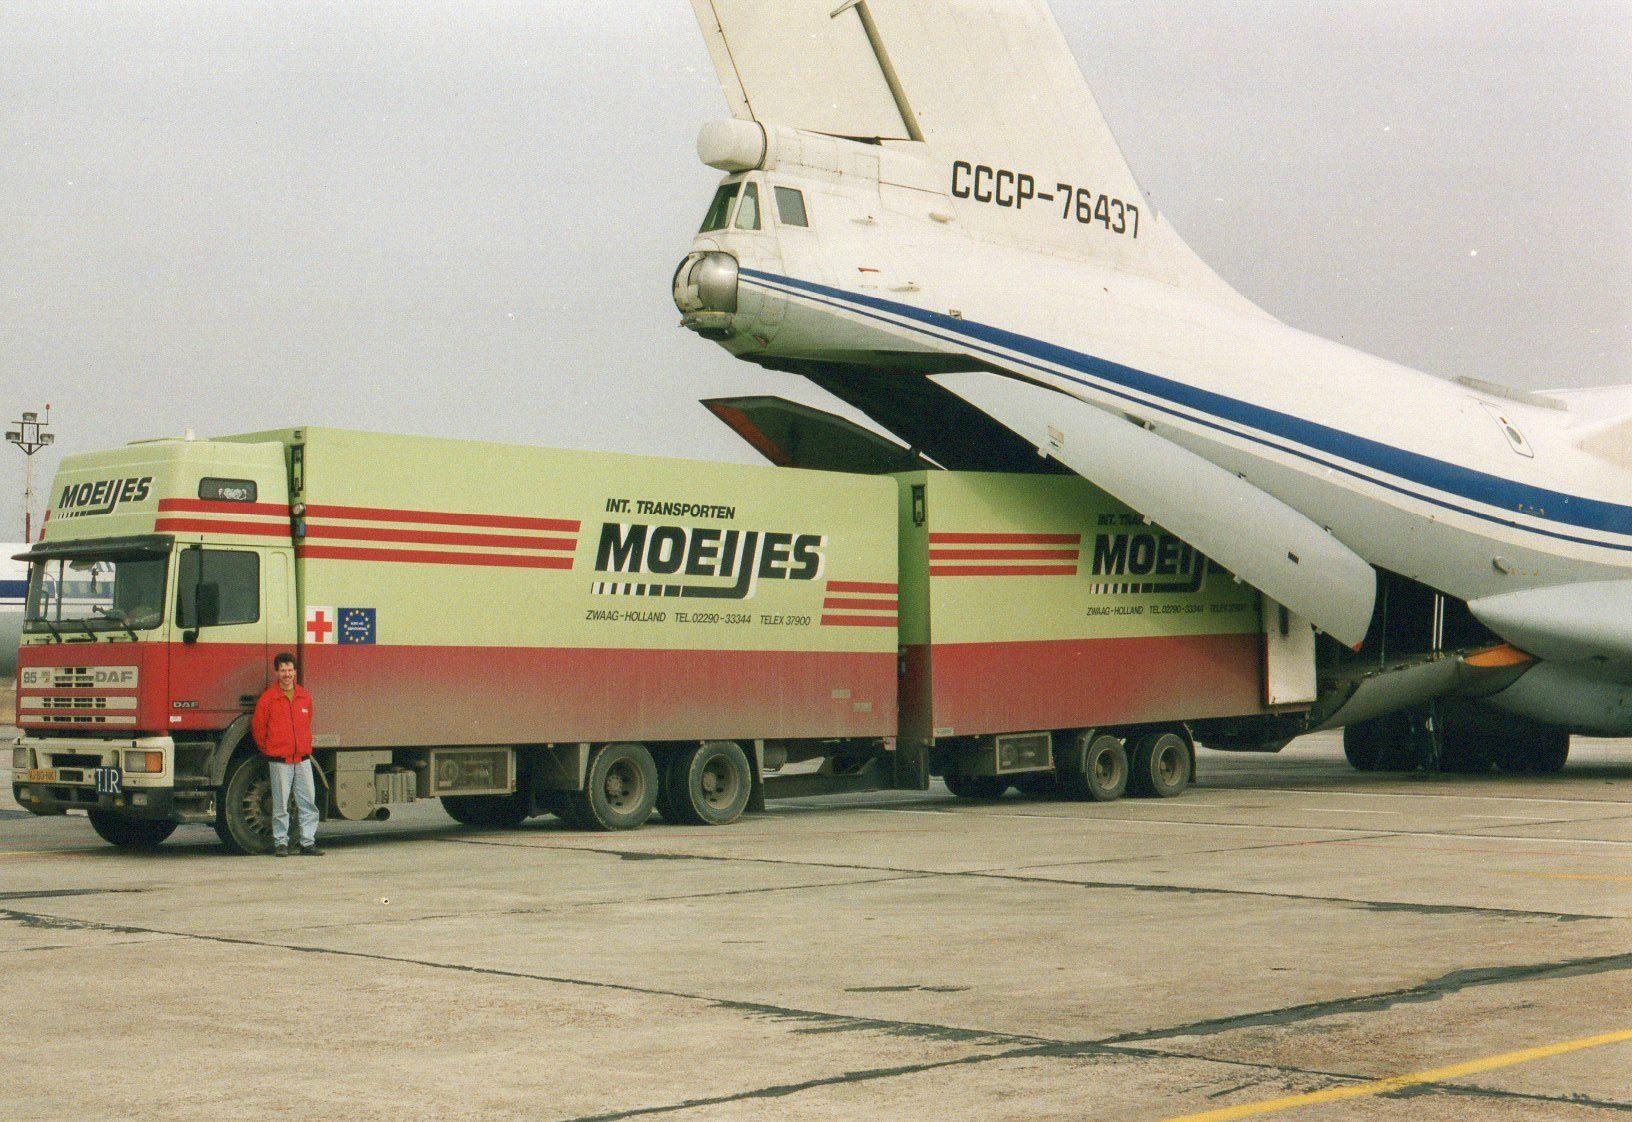 1993-Transporten-medicijnen-voor-het-Rode-Kruis-met-bestemming-Armenie.-Rijden-naar-Armenie-was-toen-te-gevaarlijk-in-Kiev-werd-het-overgeladen-4